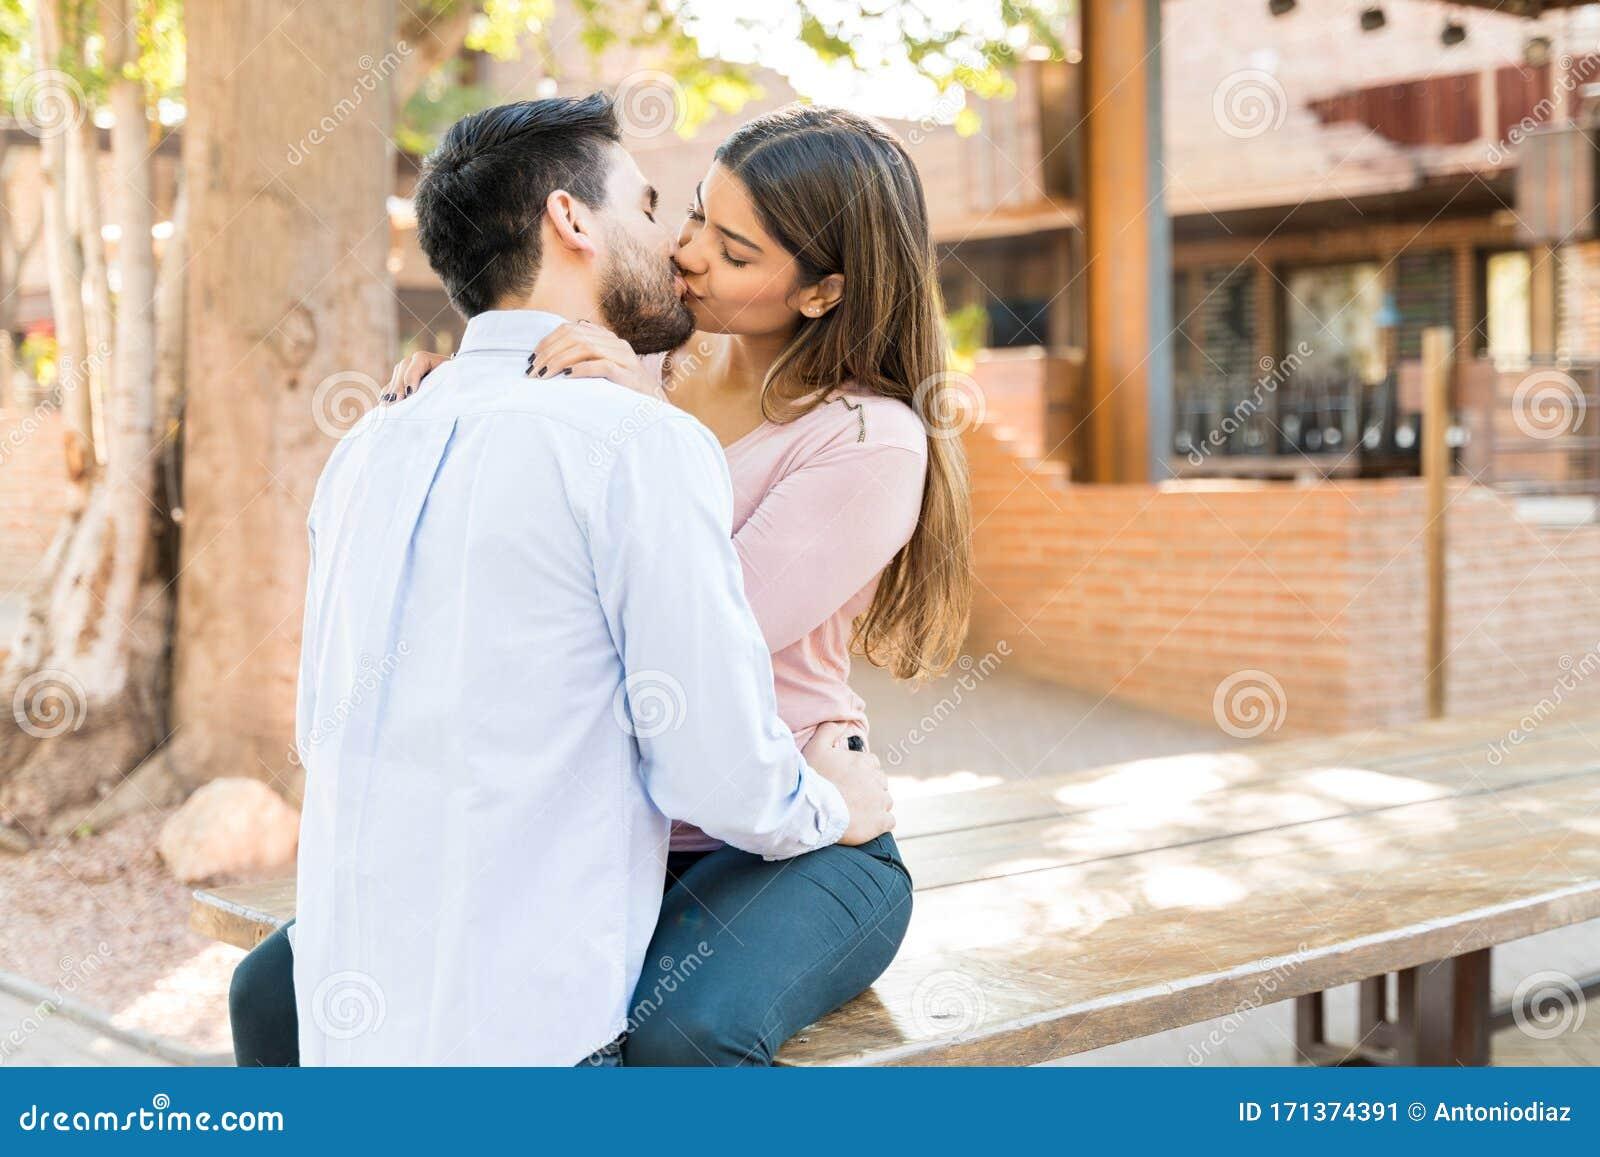 Passionate Hispanic Couple Kissing Stock Image - Image of